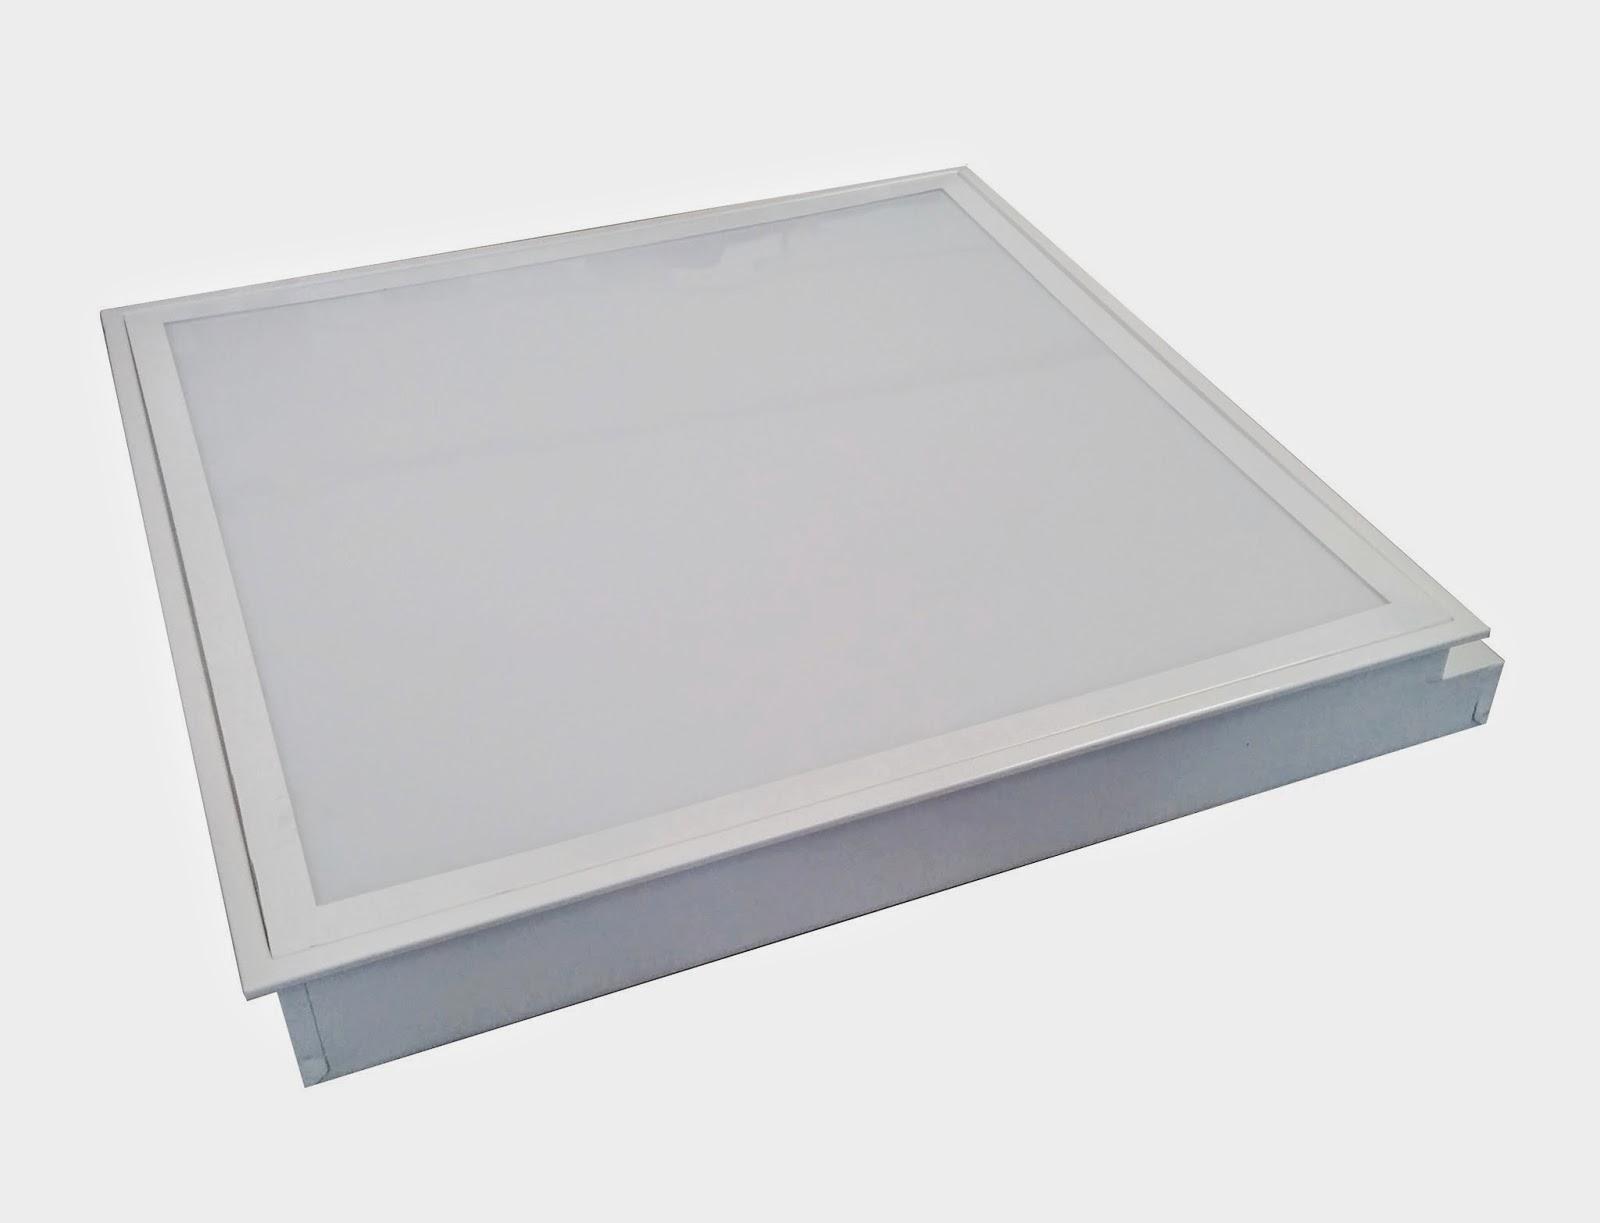 Plafoniere Per Negozi : Illuminazione led plafoniera da incasso con ottica opalina per